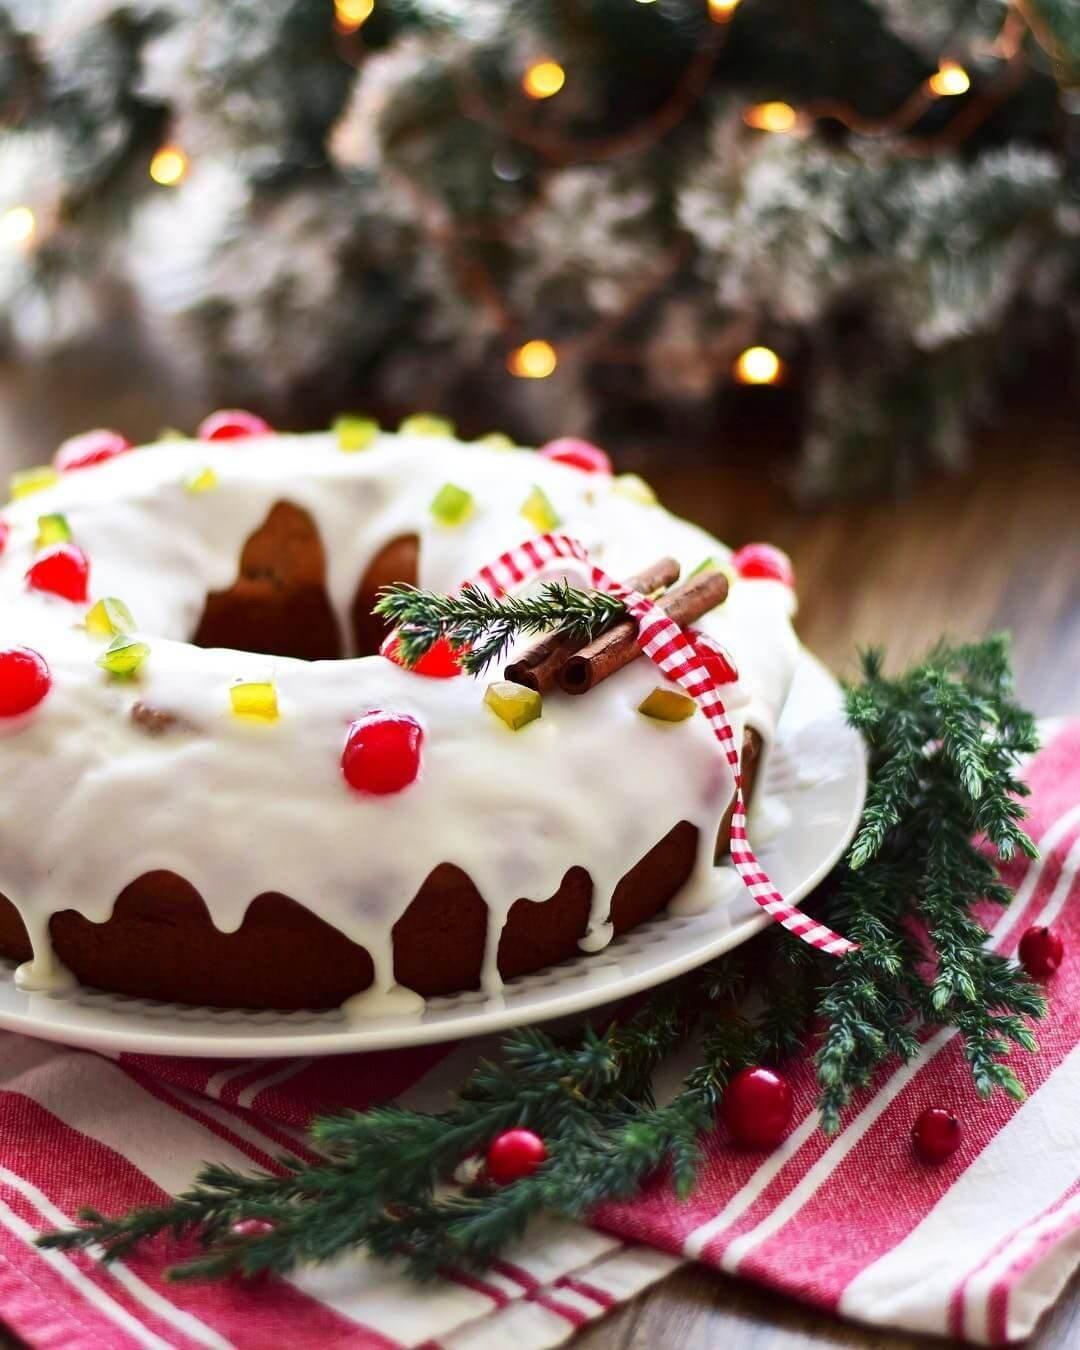 Рецепты с фото самых вкусных  и красивых новогодних тортов пошагово, в домашних условиях